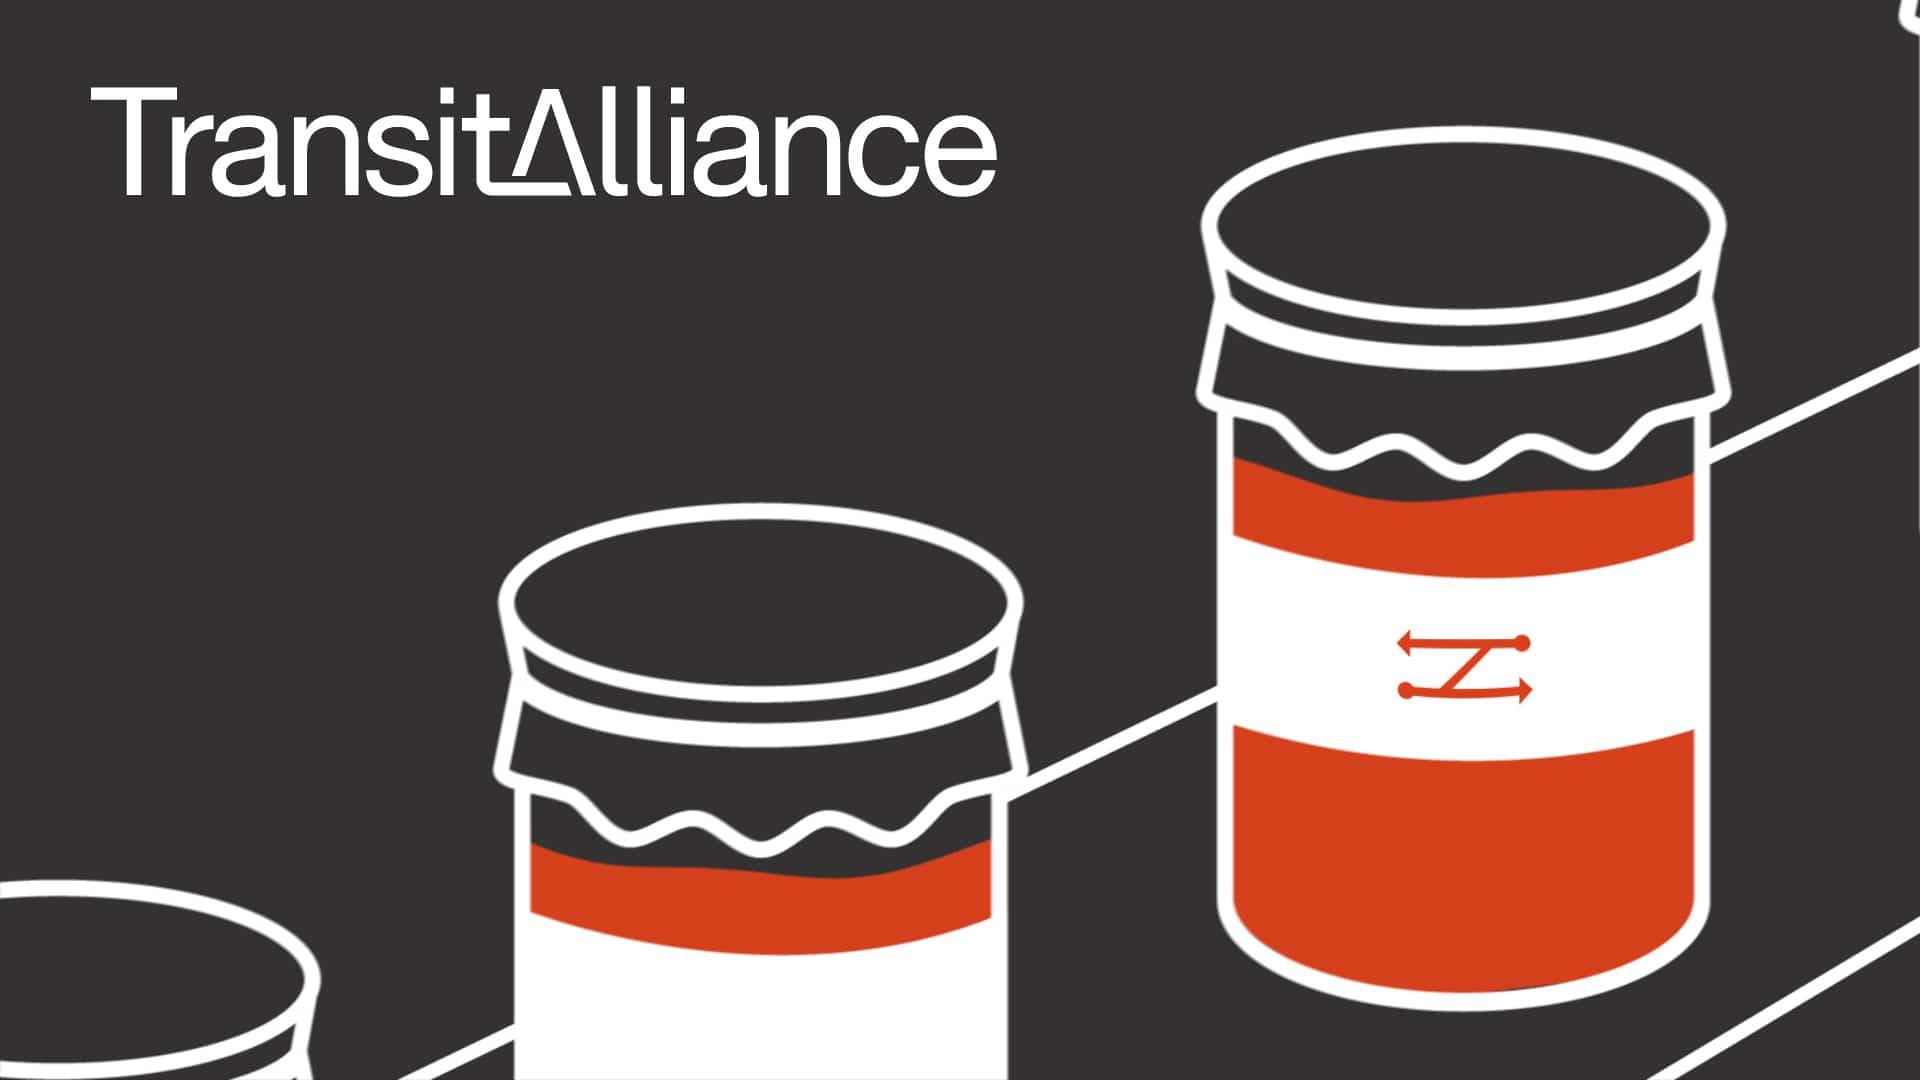 TransitAlliance